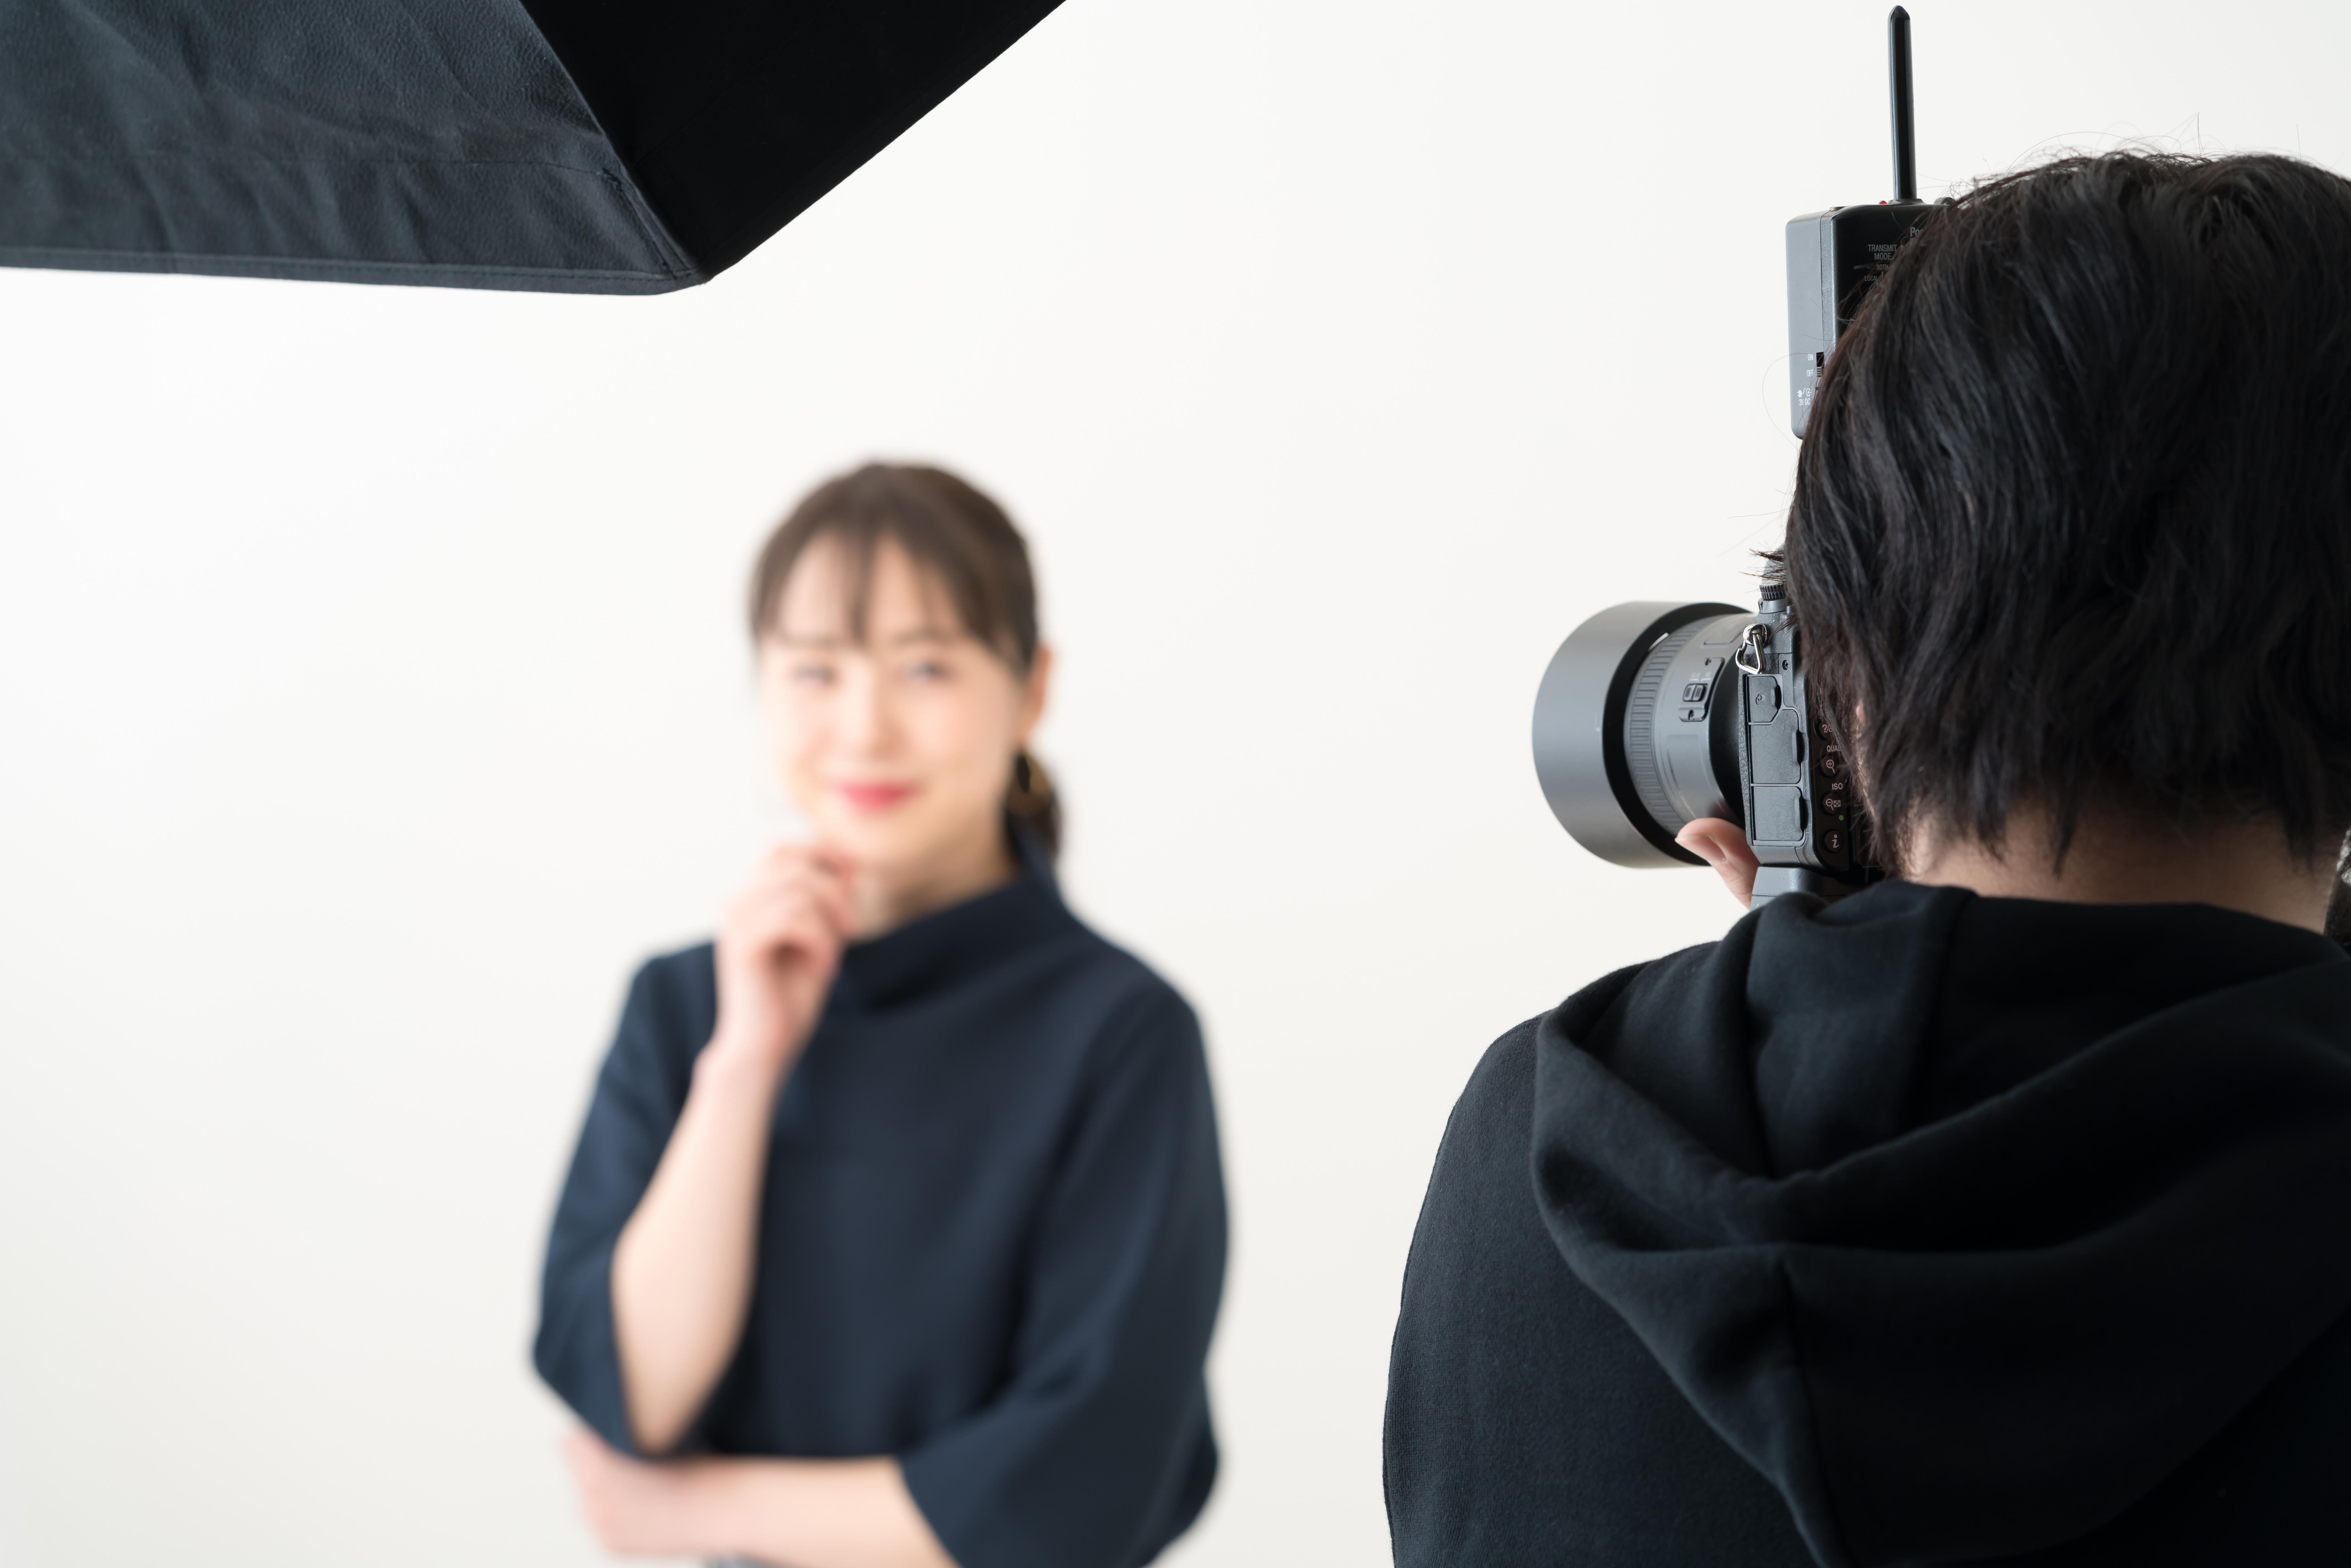 小顔に見せるための証明写真の写り方テクニック!工夫次第で顔のサイズは変わる?